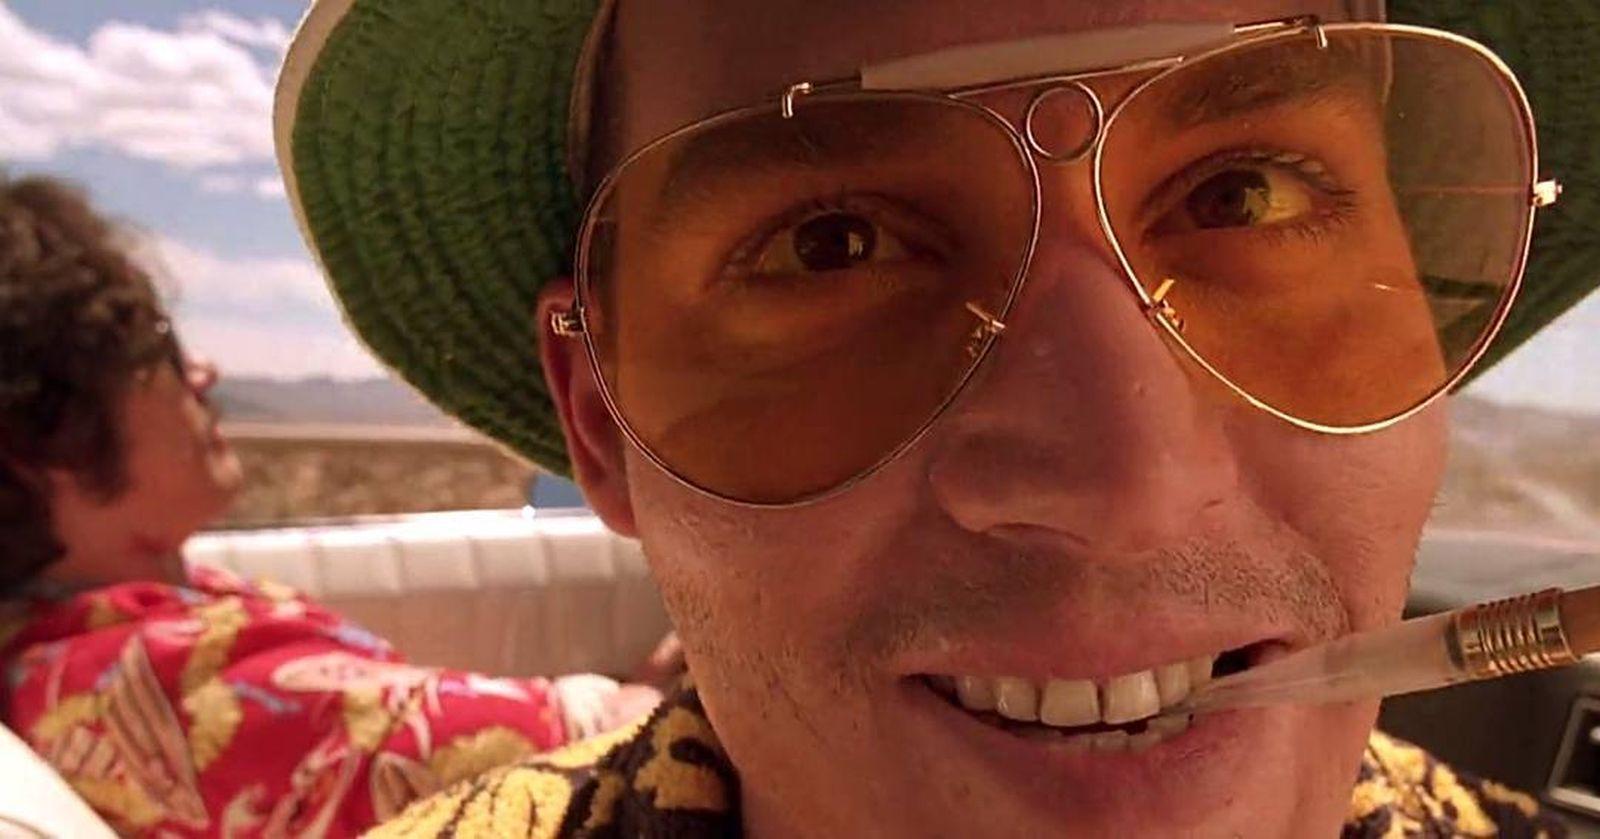 Τα πιο στιλάτα γυαλιά ηλίου που είδαμε στο σινεμά